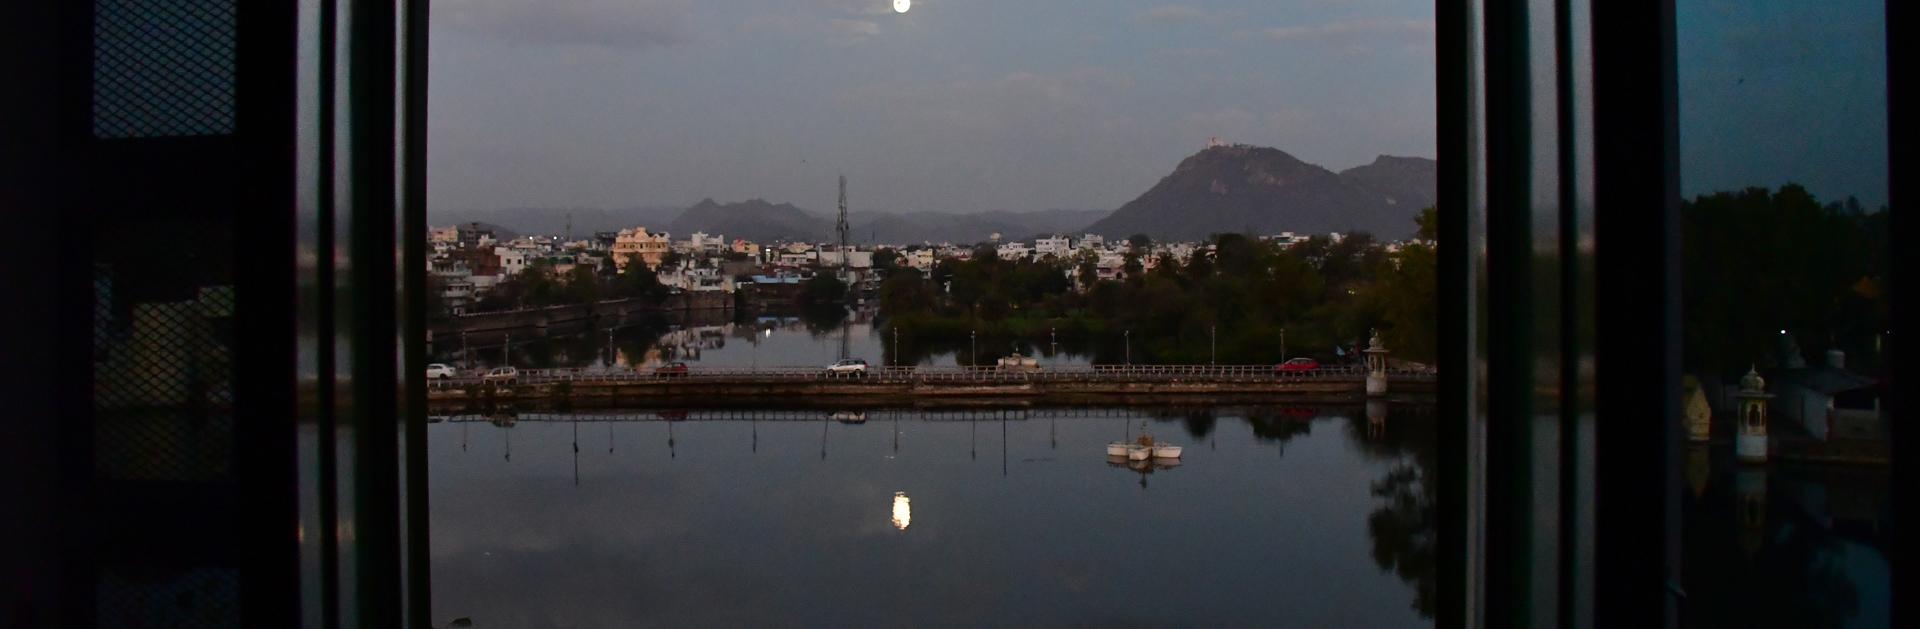 הודו - אודייפור - סגר שני - קורונה- יואל שתרוג - אדמה יוצרת - yoel sitruk